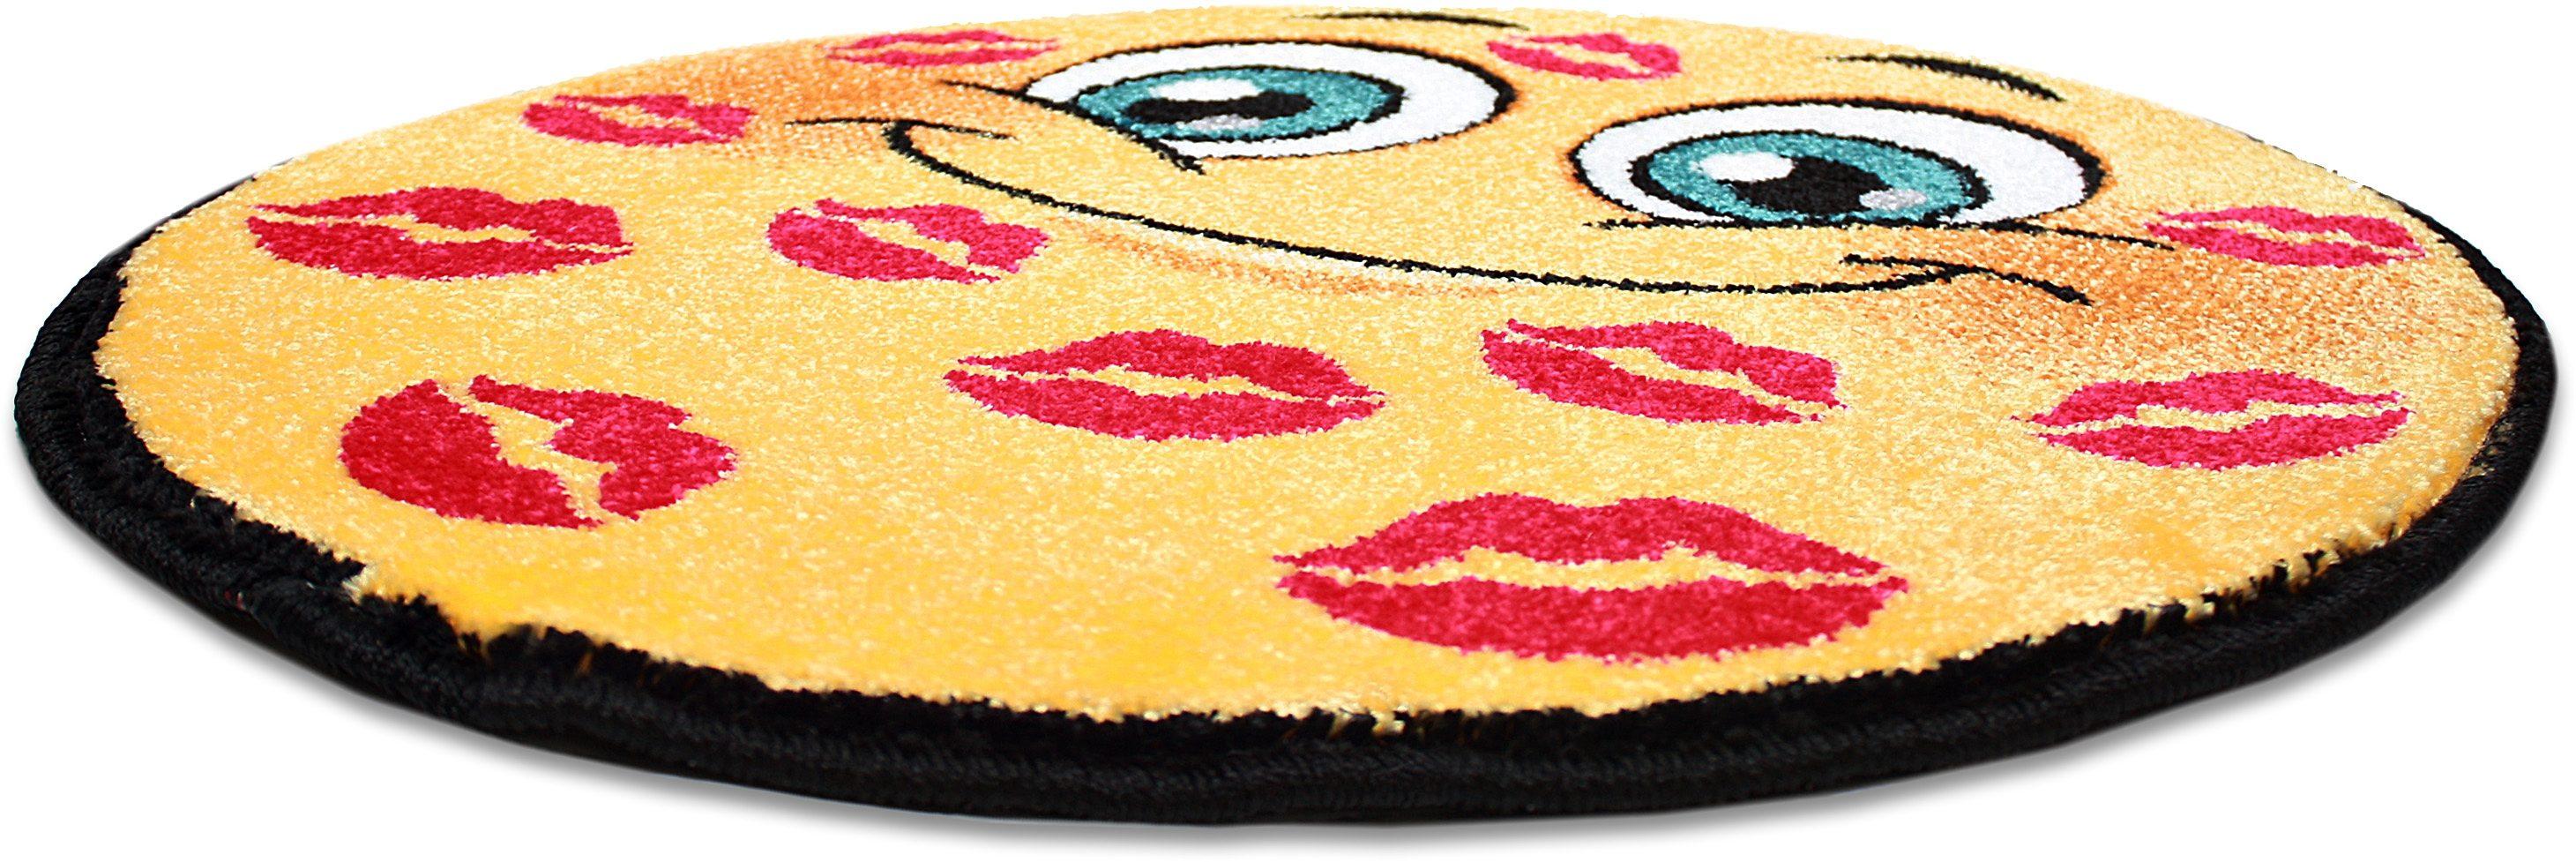 Teppich Rund, Trend-Teppiche, »Kolibri 11085«, Smiley Design